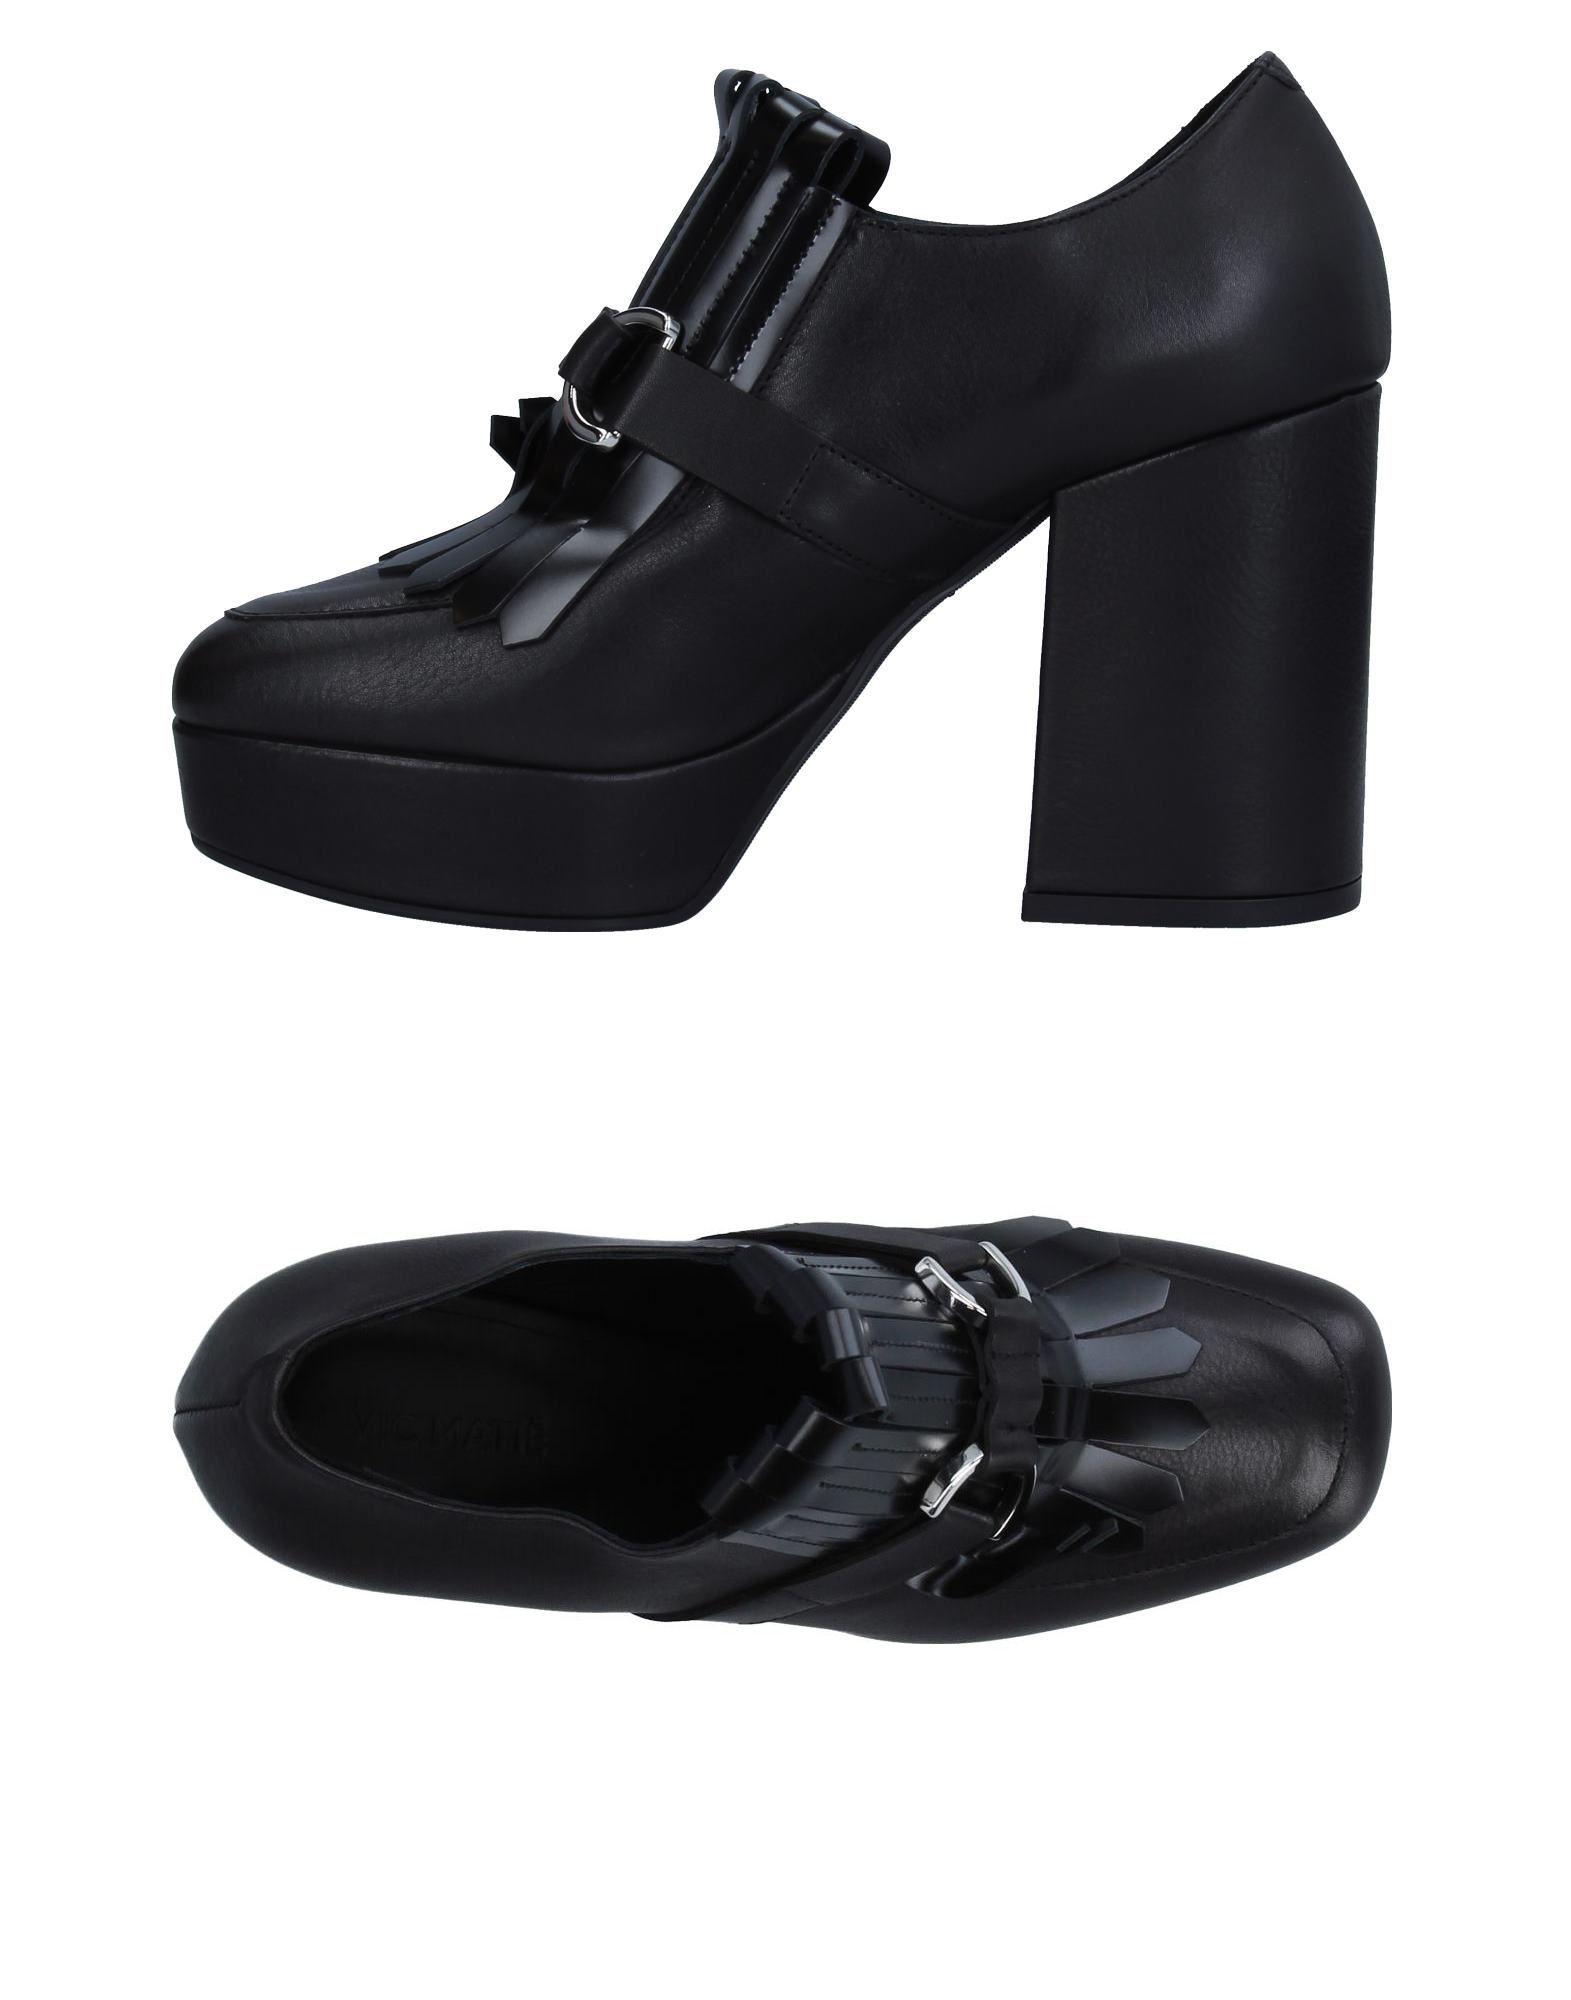 Vic Matiē Mokassins Damen Gute  11337314MR Gute Damen Qualität beliebte Schuhe c441dc